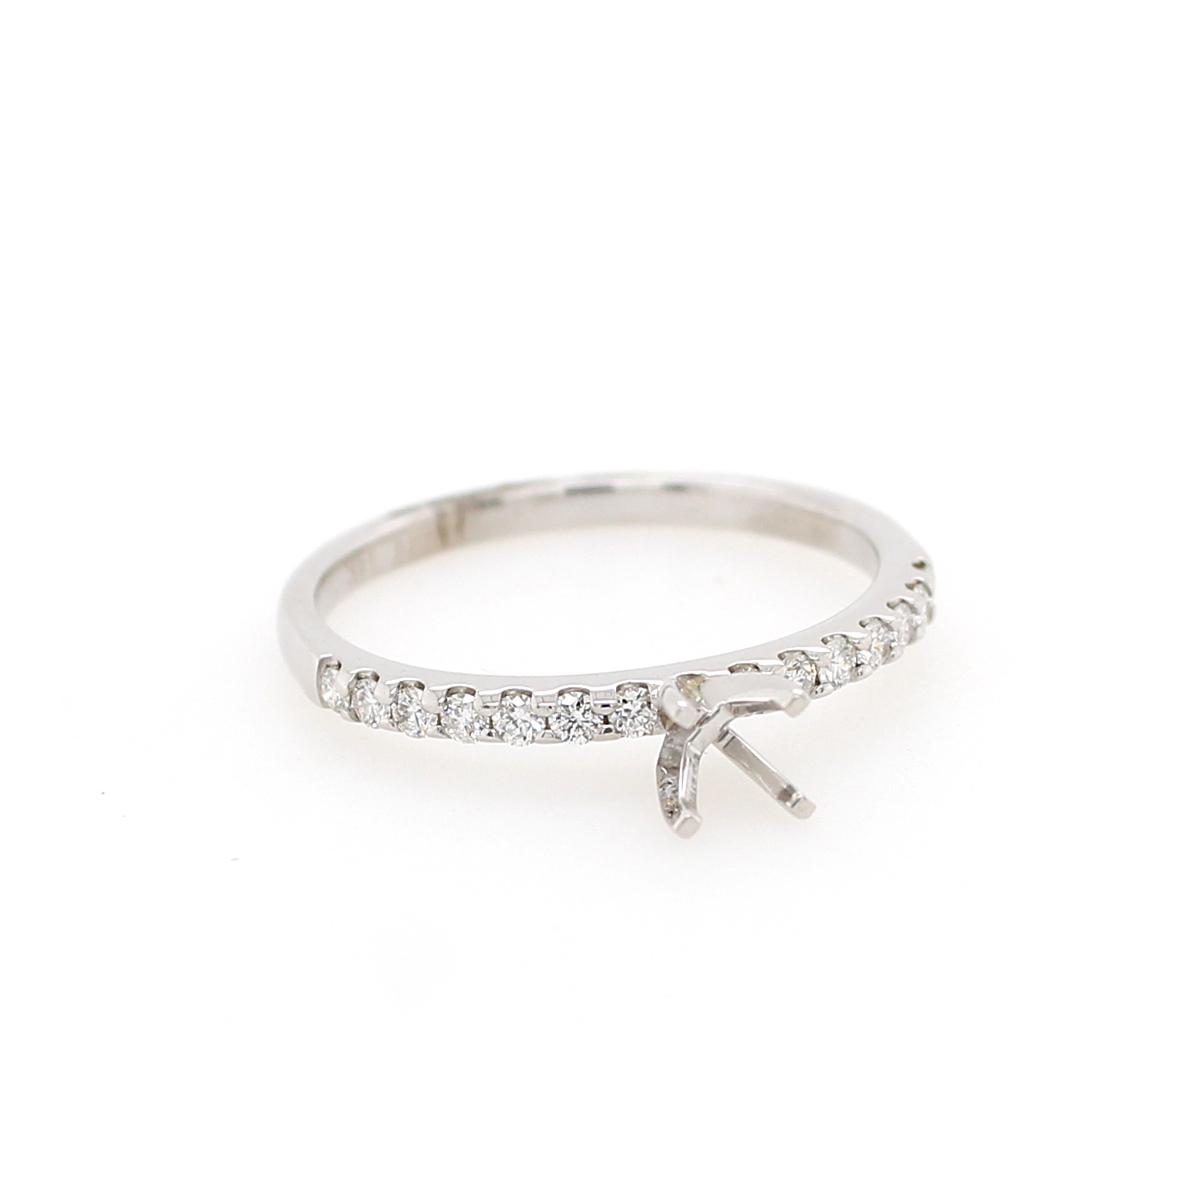 14 Karat White Gold .2 Carat Diamond Semi-Mount Engagement Ring